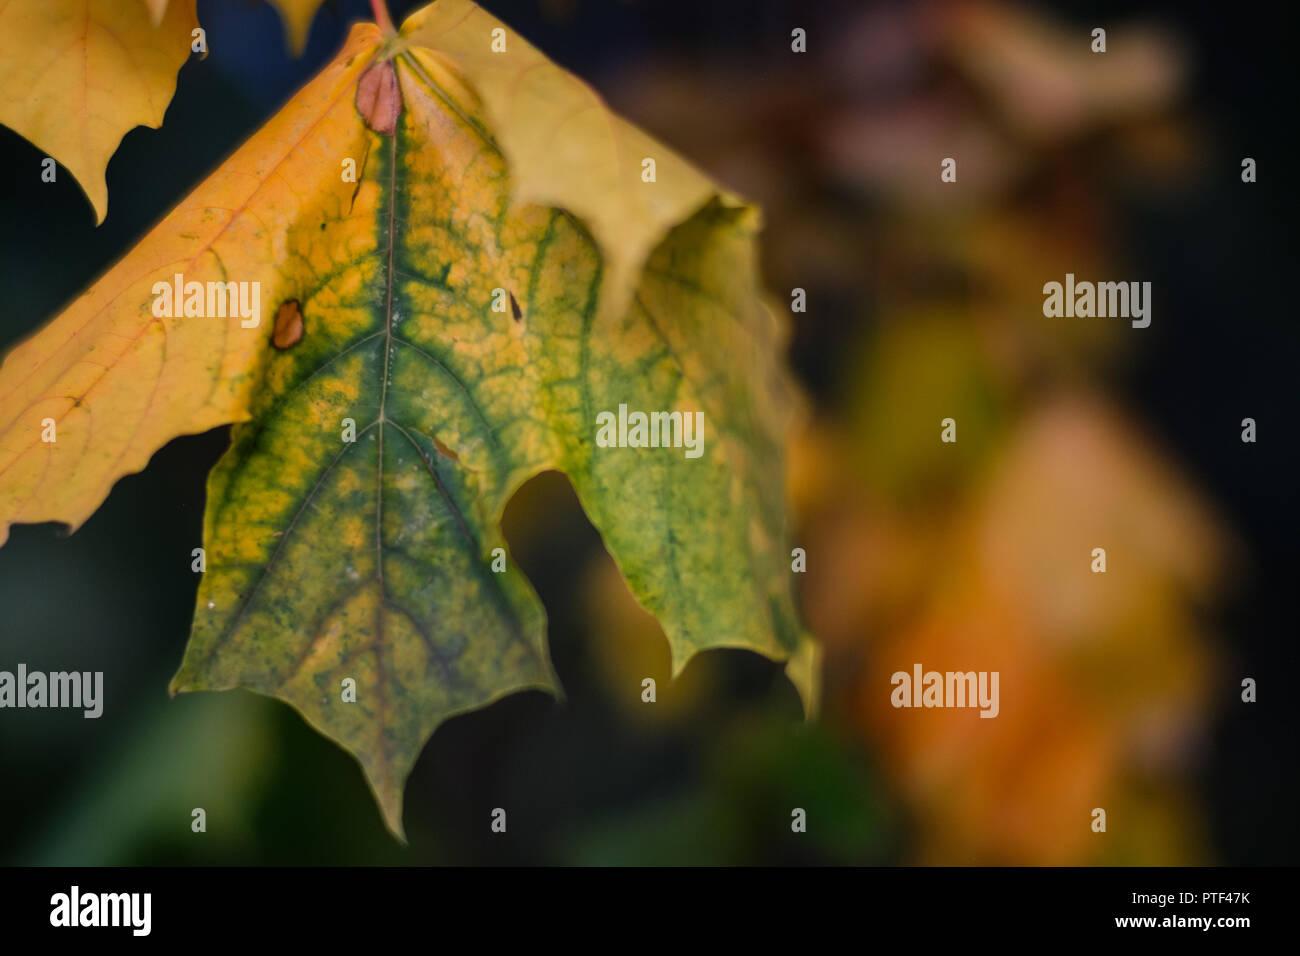 Laubfärbung einzelnes Blatt - Stock Image